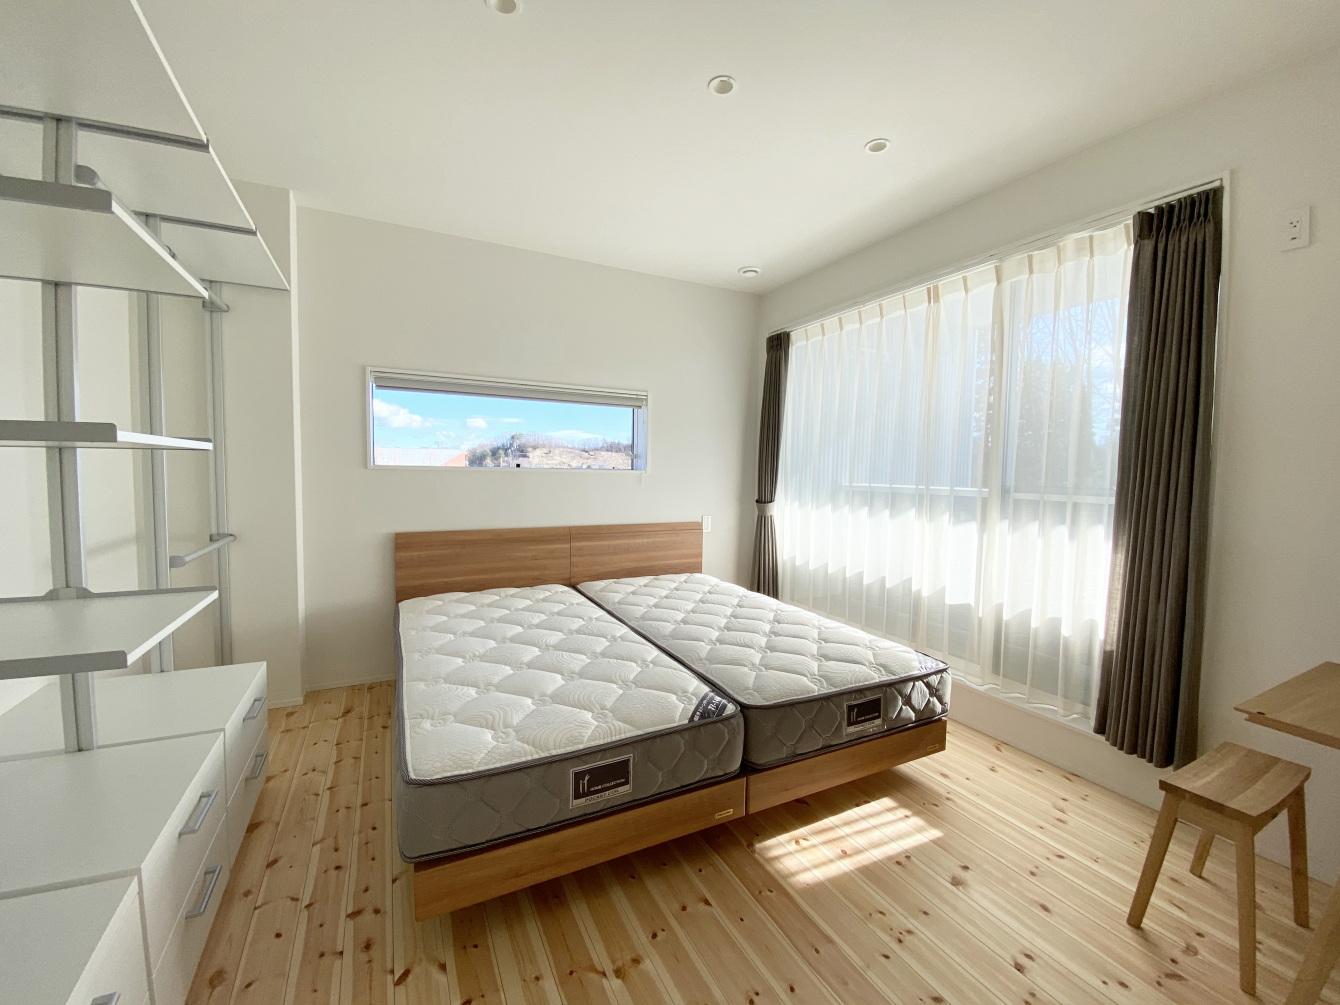 田村市の施工例、コンパクト&北欧デザインの家寝室